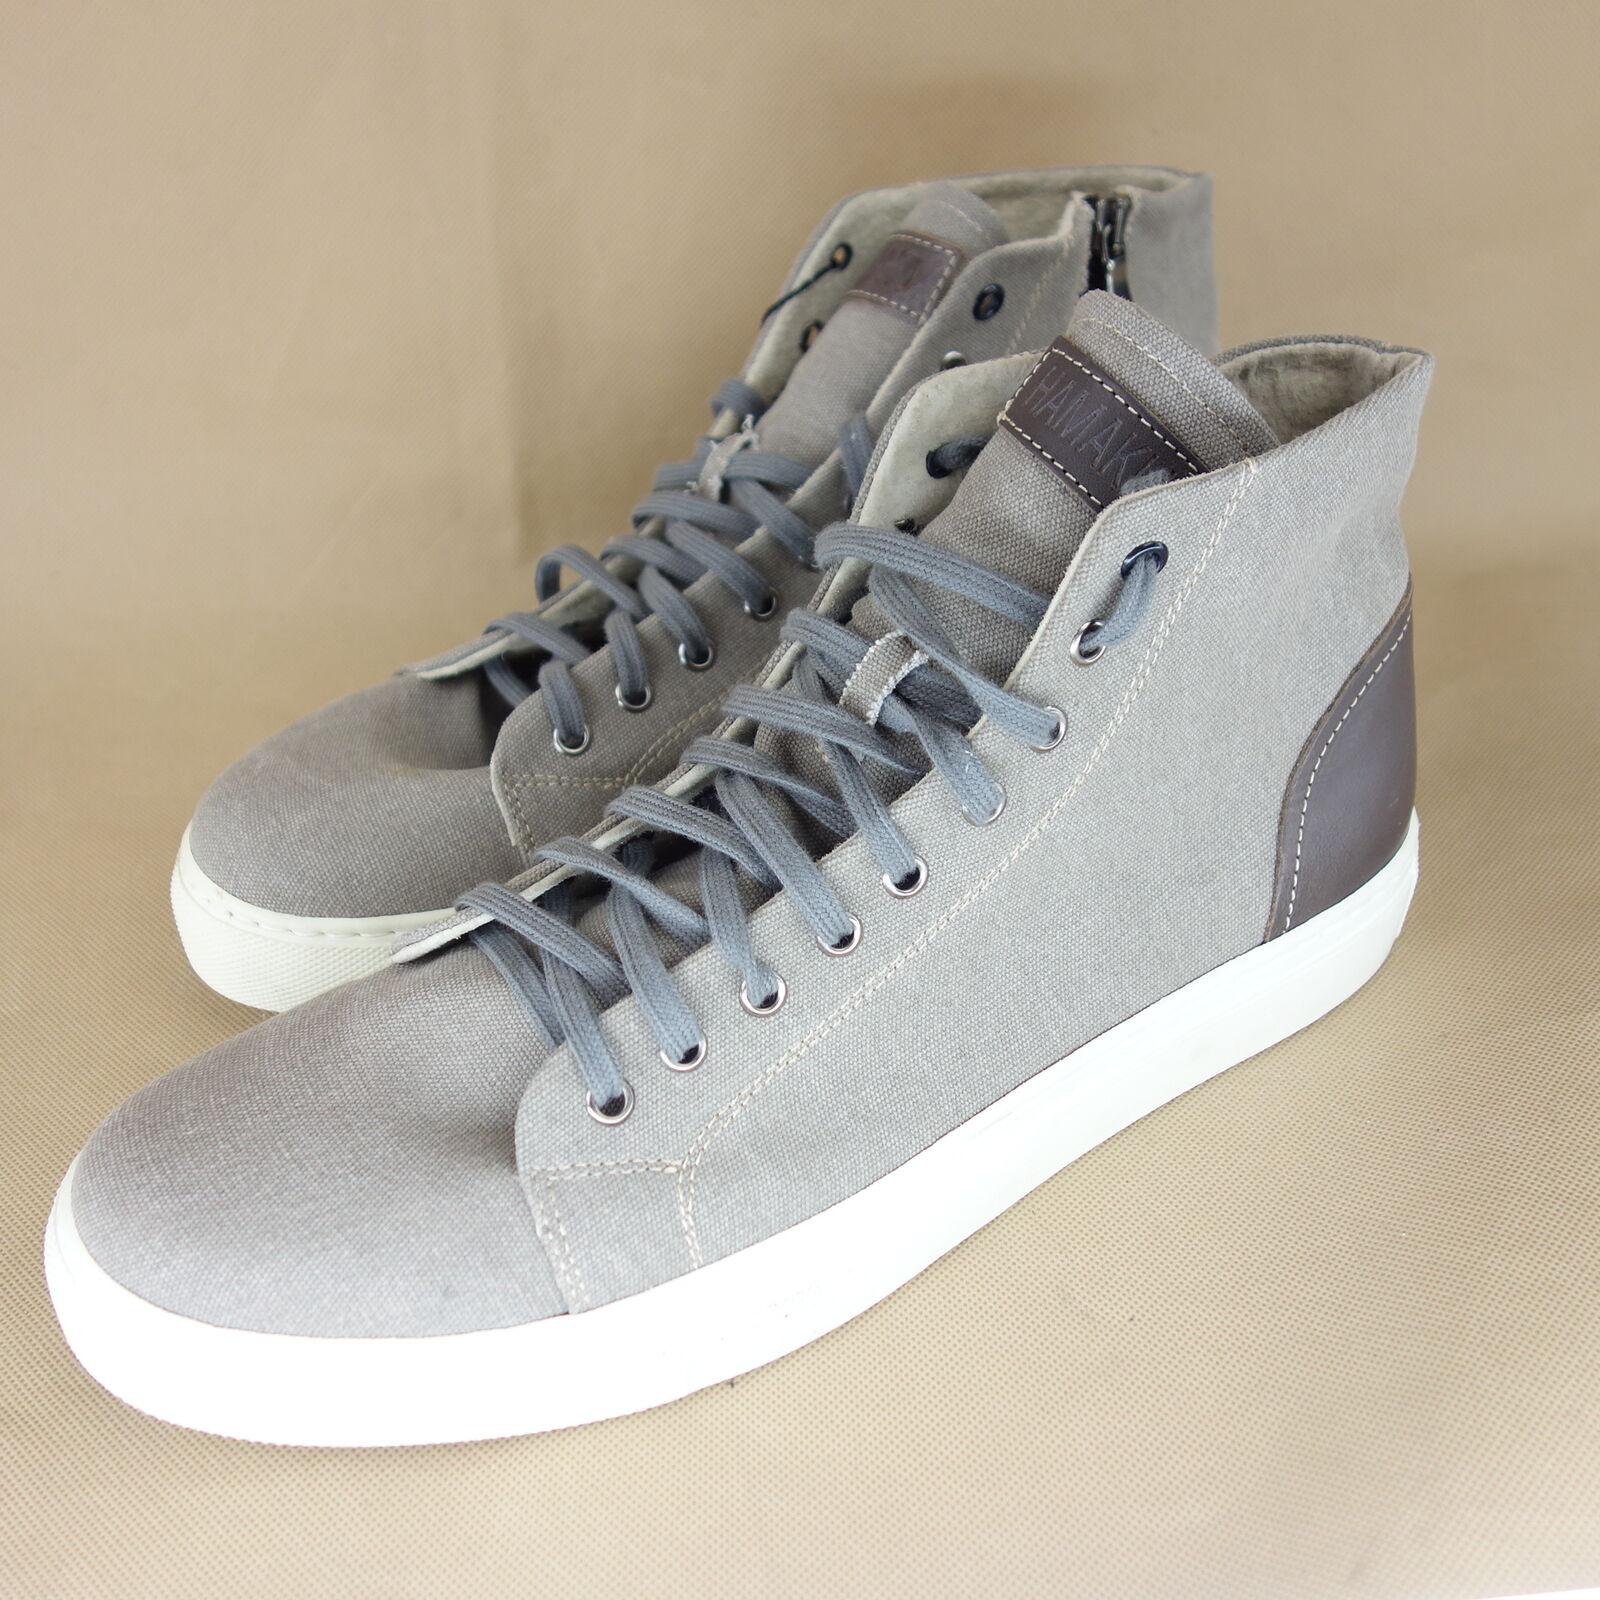 HAMAKI HO Herren Sneaker Schuhe Halbschuhe Gr 45 Leder Grau High Top NP 149 NEU